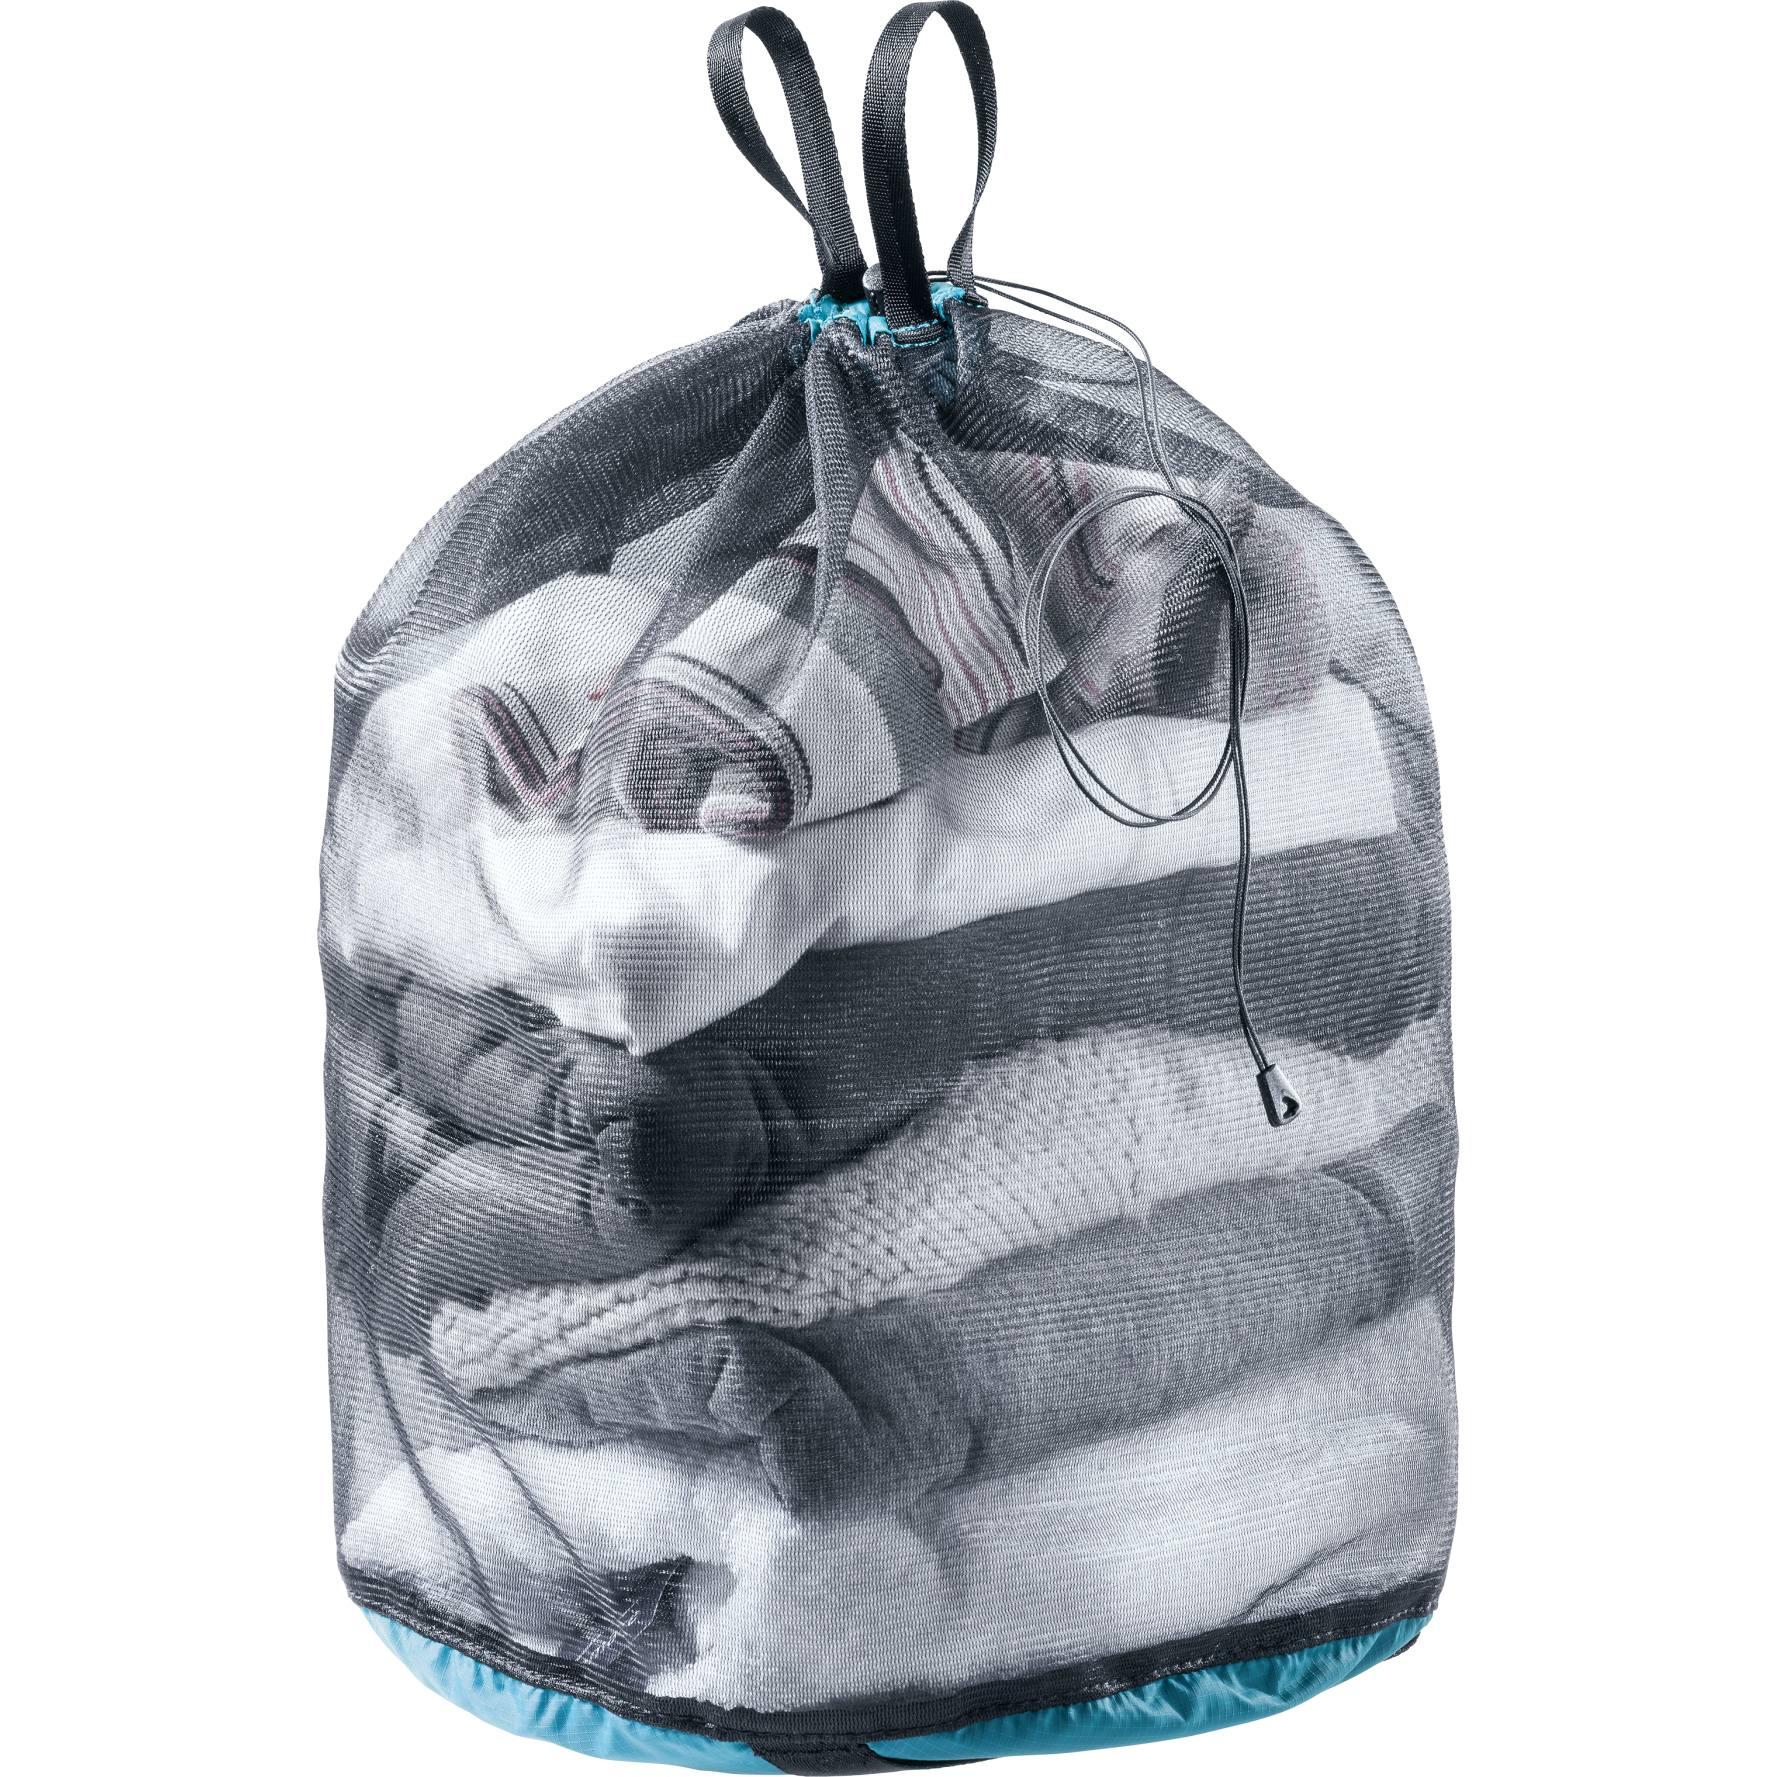 Image of Deuter Mesh Sack 18 liters - tin-black